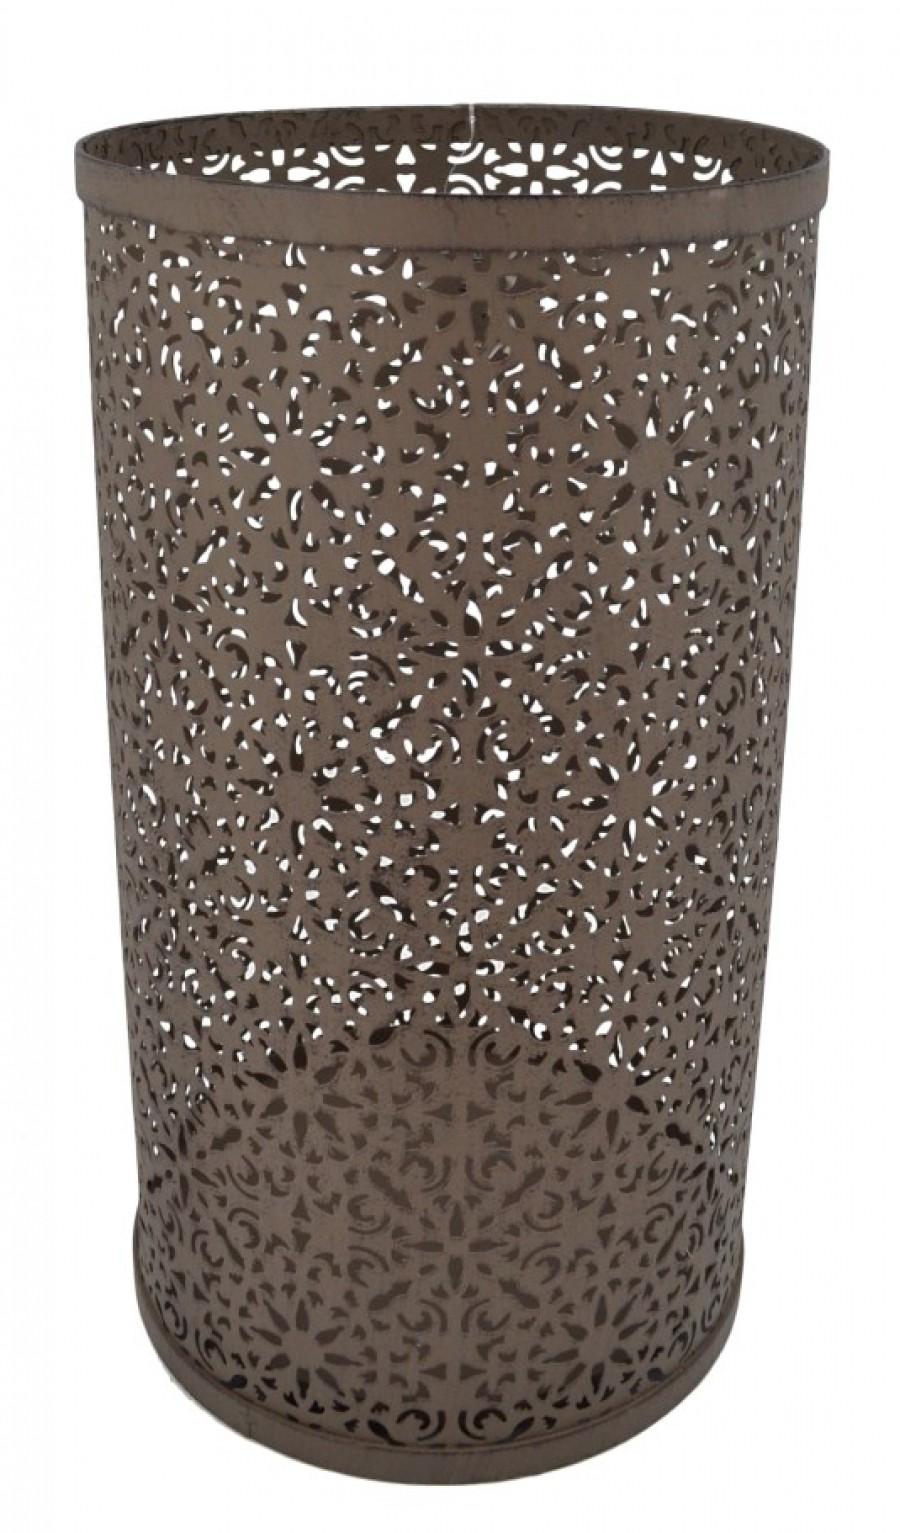 Ομπρελοθήκη Στρογγυλή Μεταλλική Γκρι - Καφέ home   κρυσταλλα  διακοσμηση